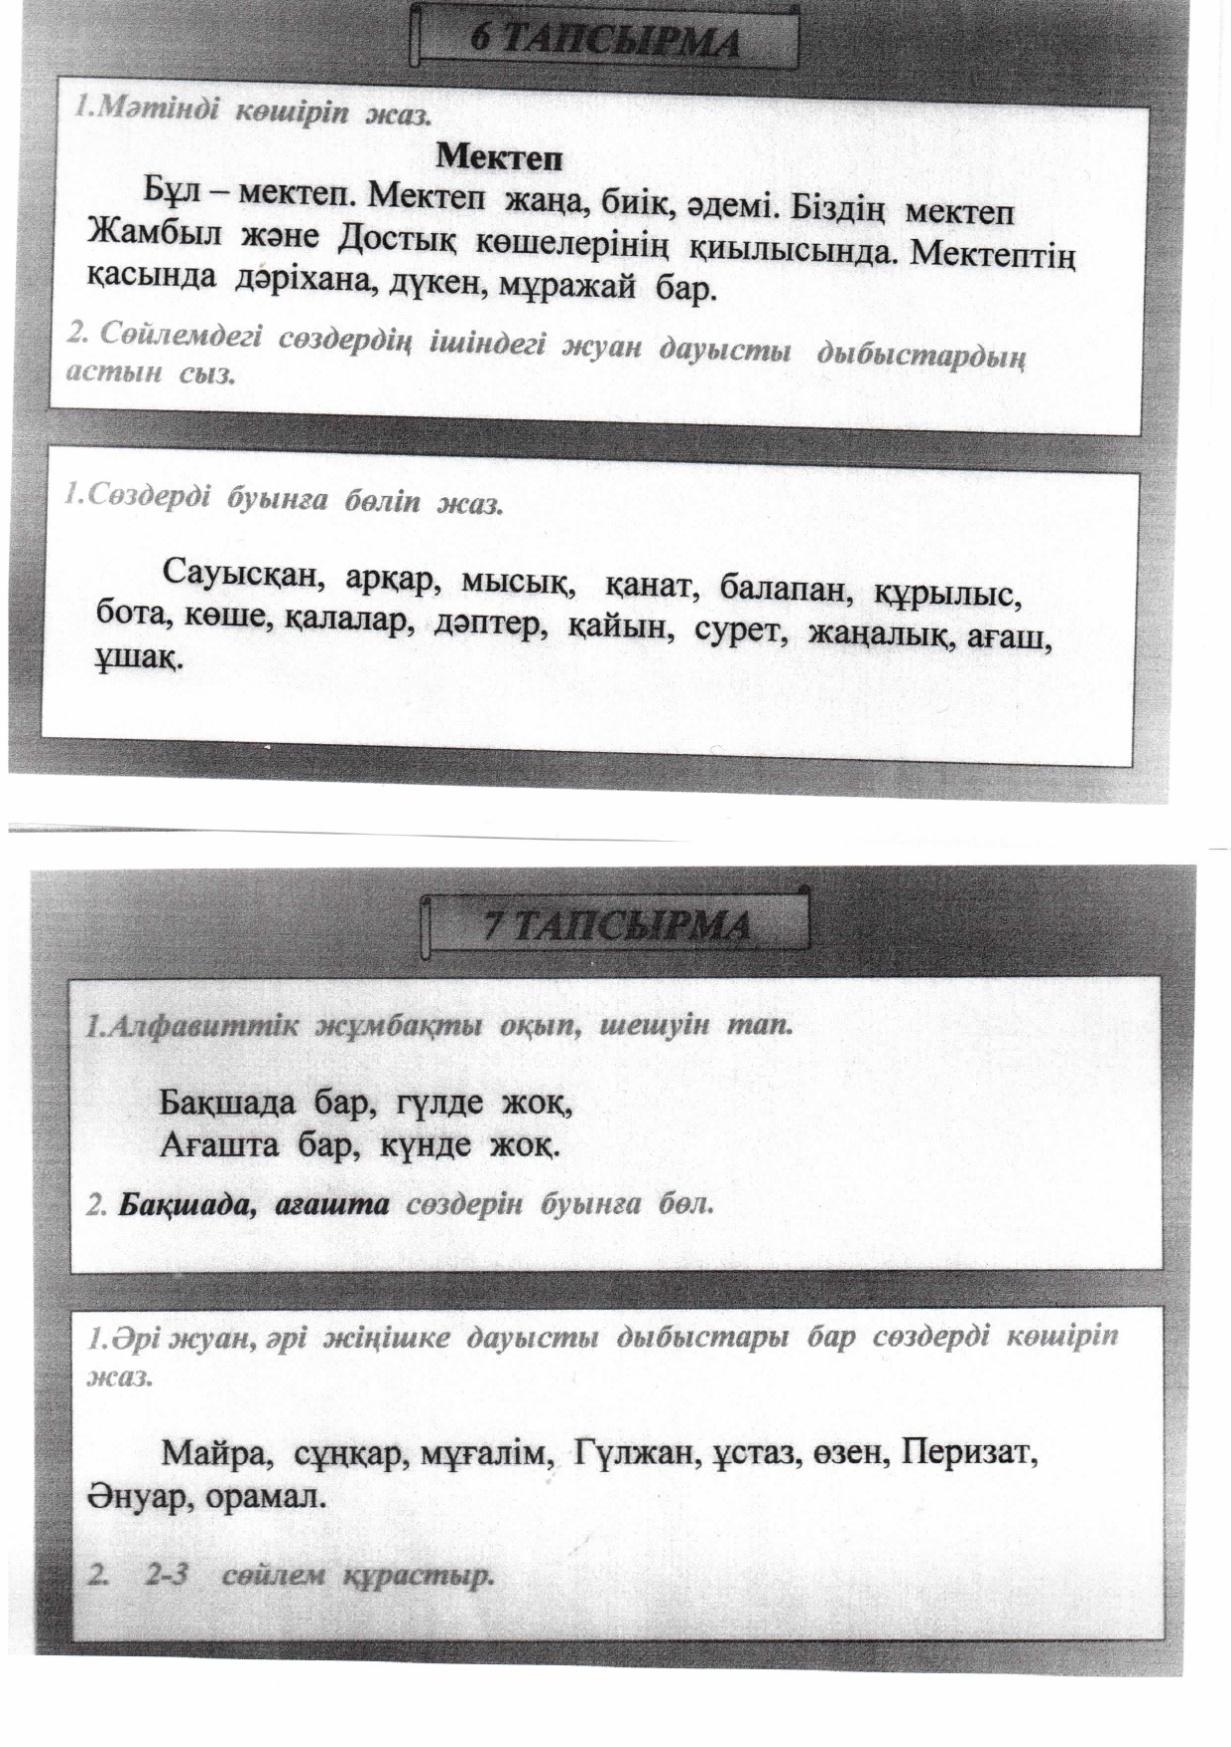 C:\Users\Zarina\Desktop\1111\_20140115_23324202.jpg